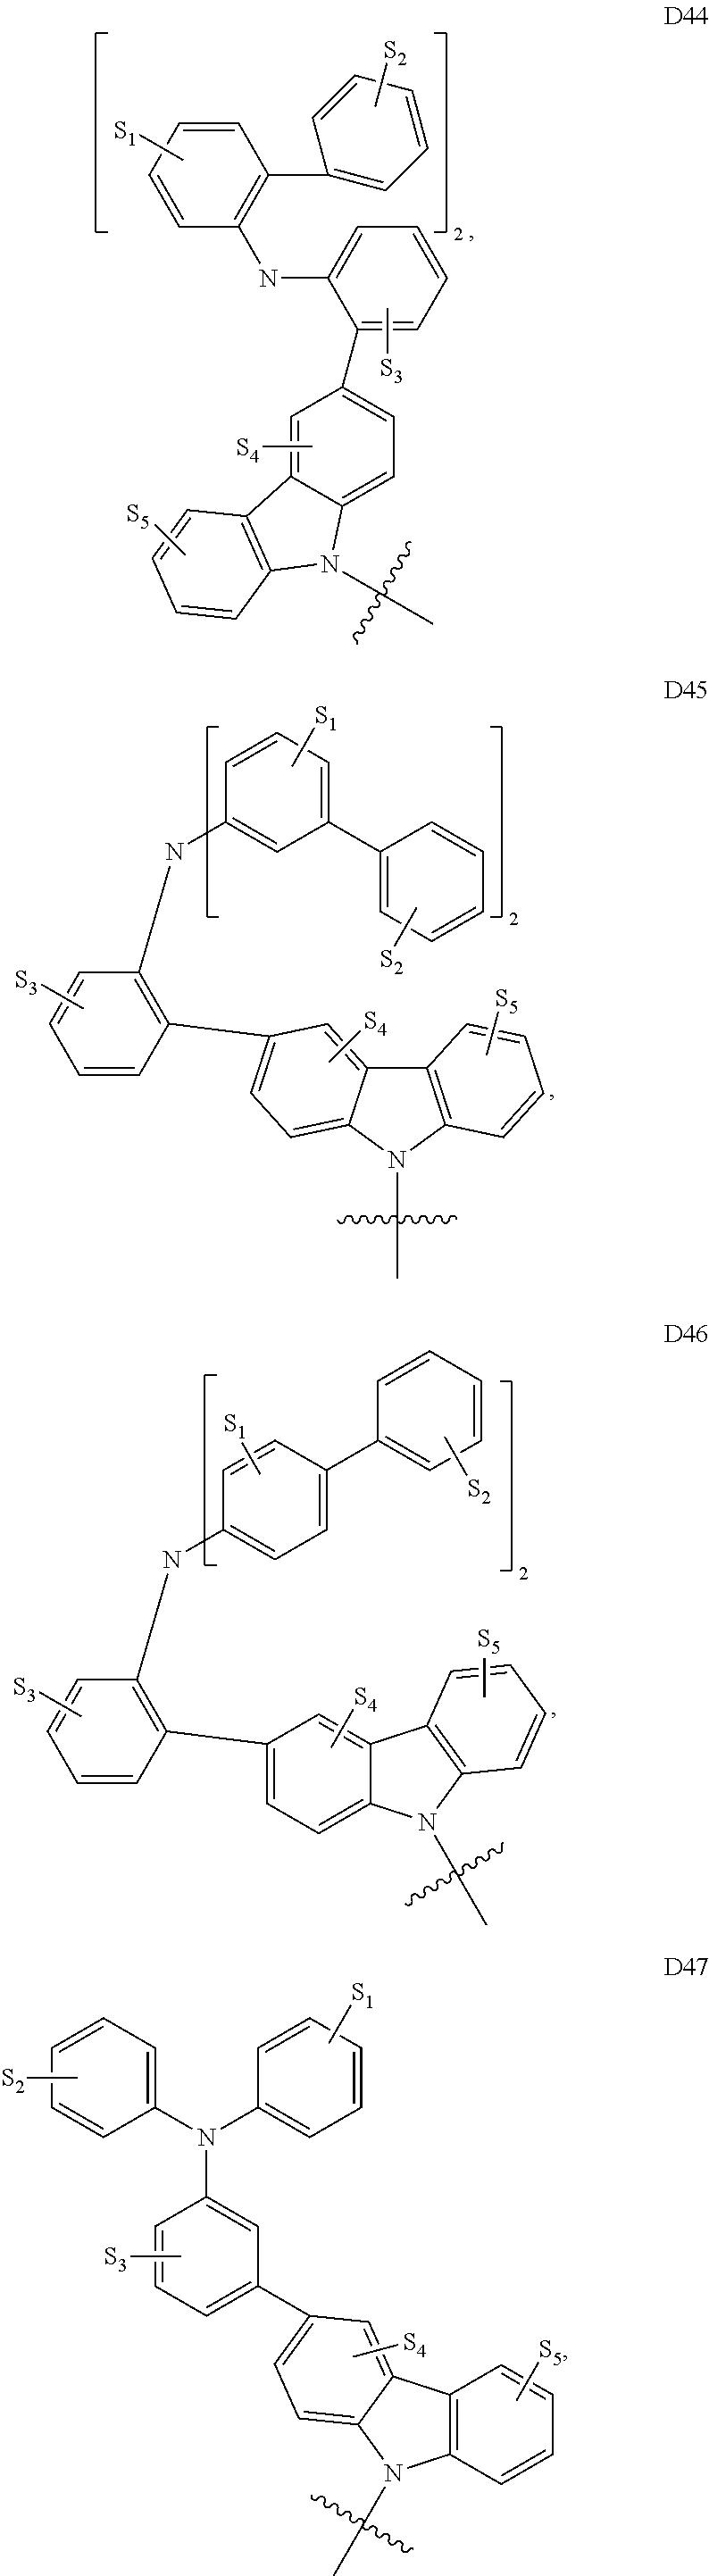 Figure US09324949-20160426-C00394